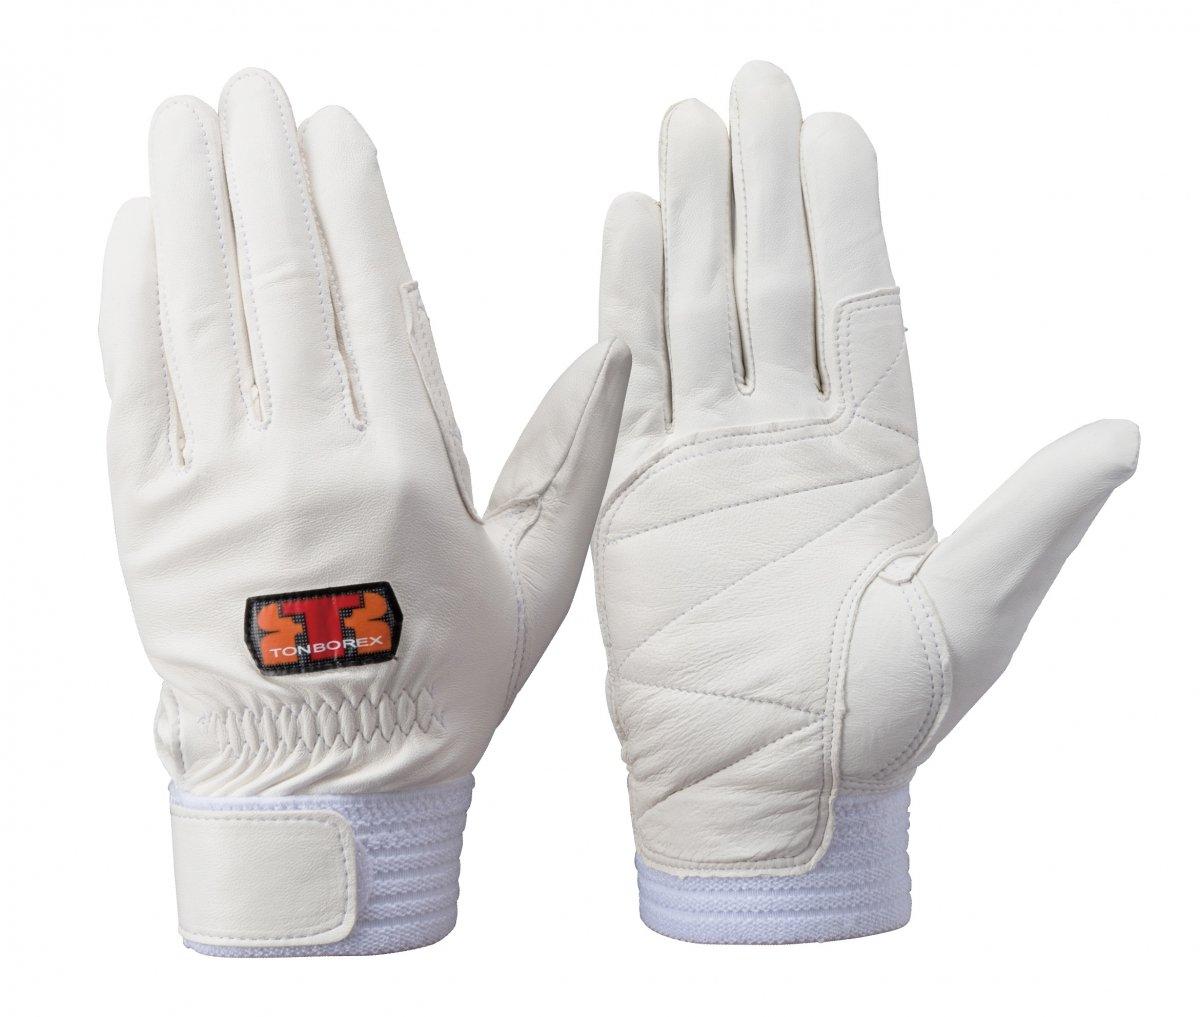 トンボレックス RS-941W 羊革製手袋